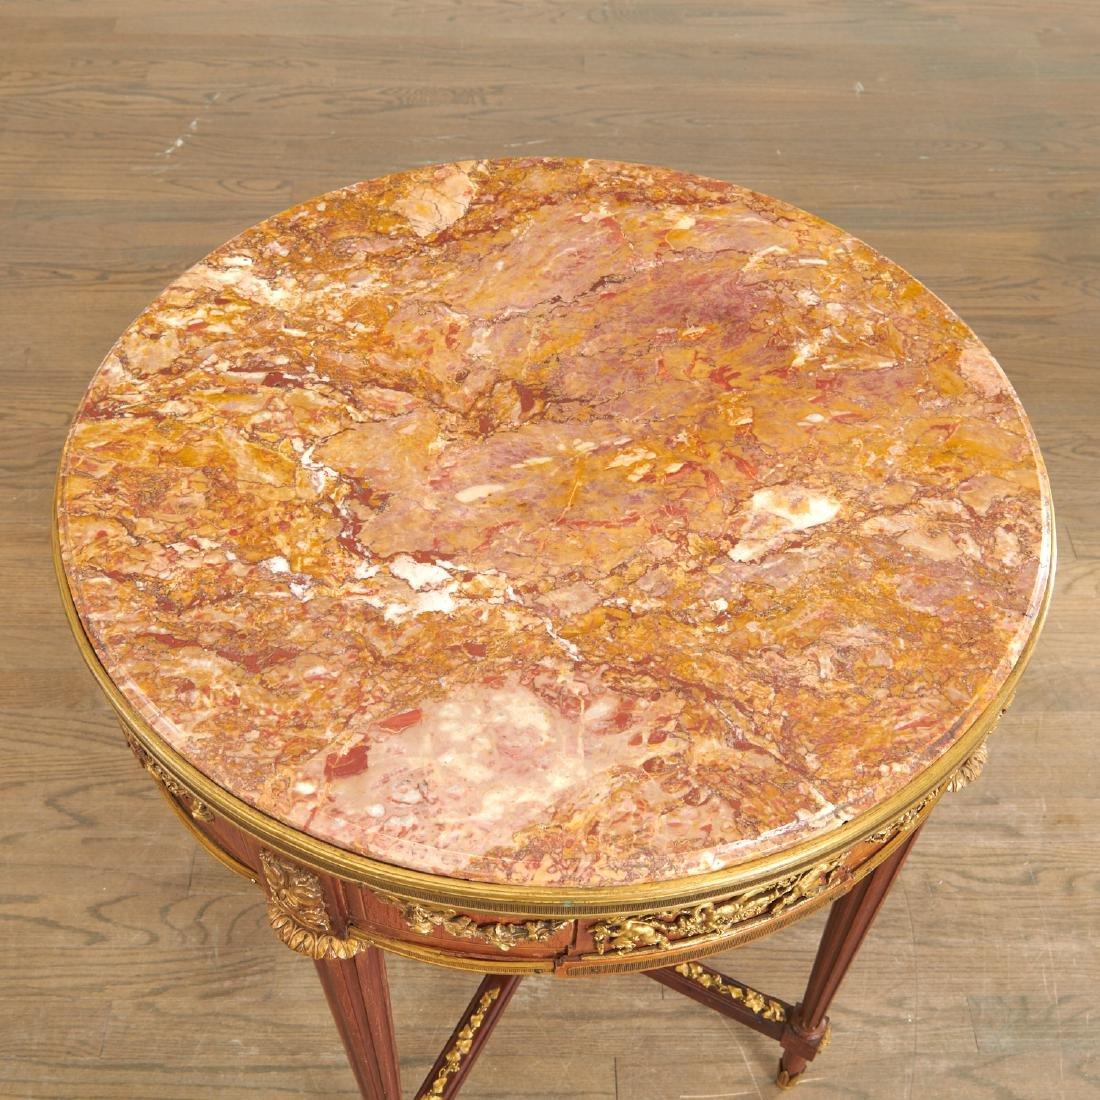 Louis XVI style mahogany marble top gueridon - 7